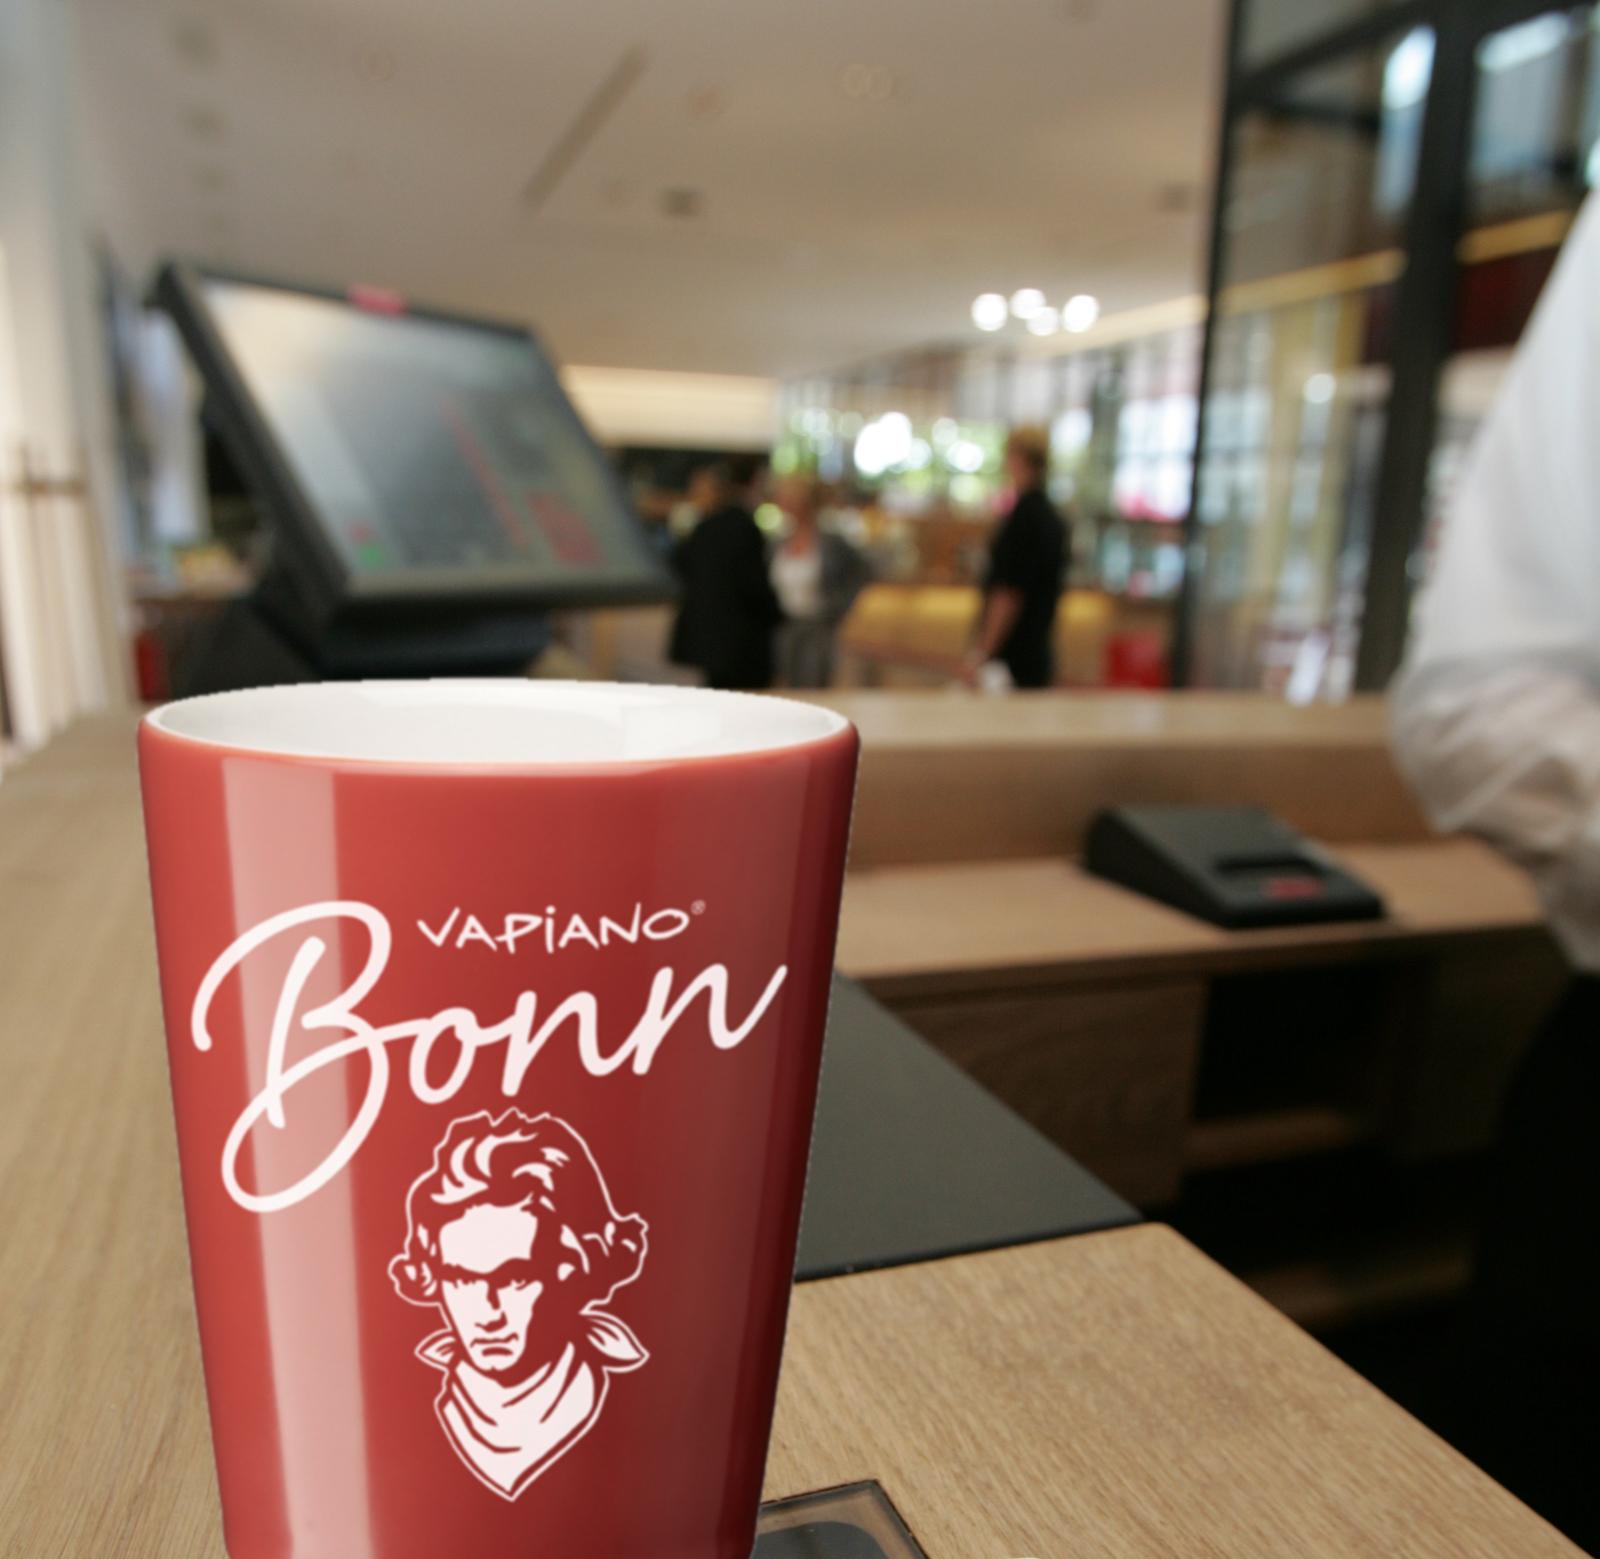 In jeder Stadt 'nen anderen – in Bonn ist's Beethoven // Die Vapiano Home-Cups